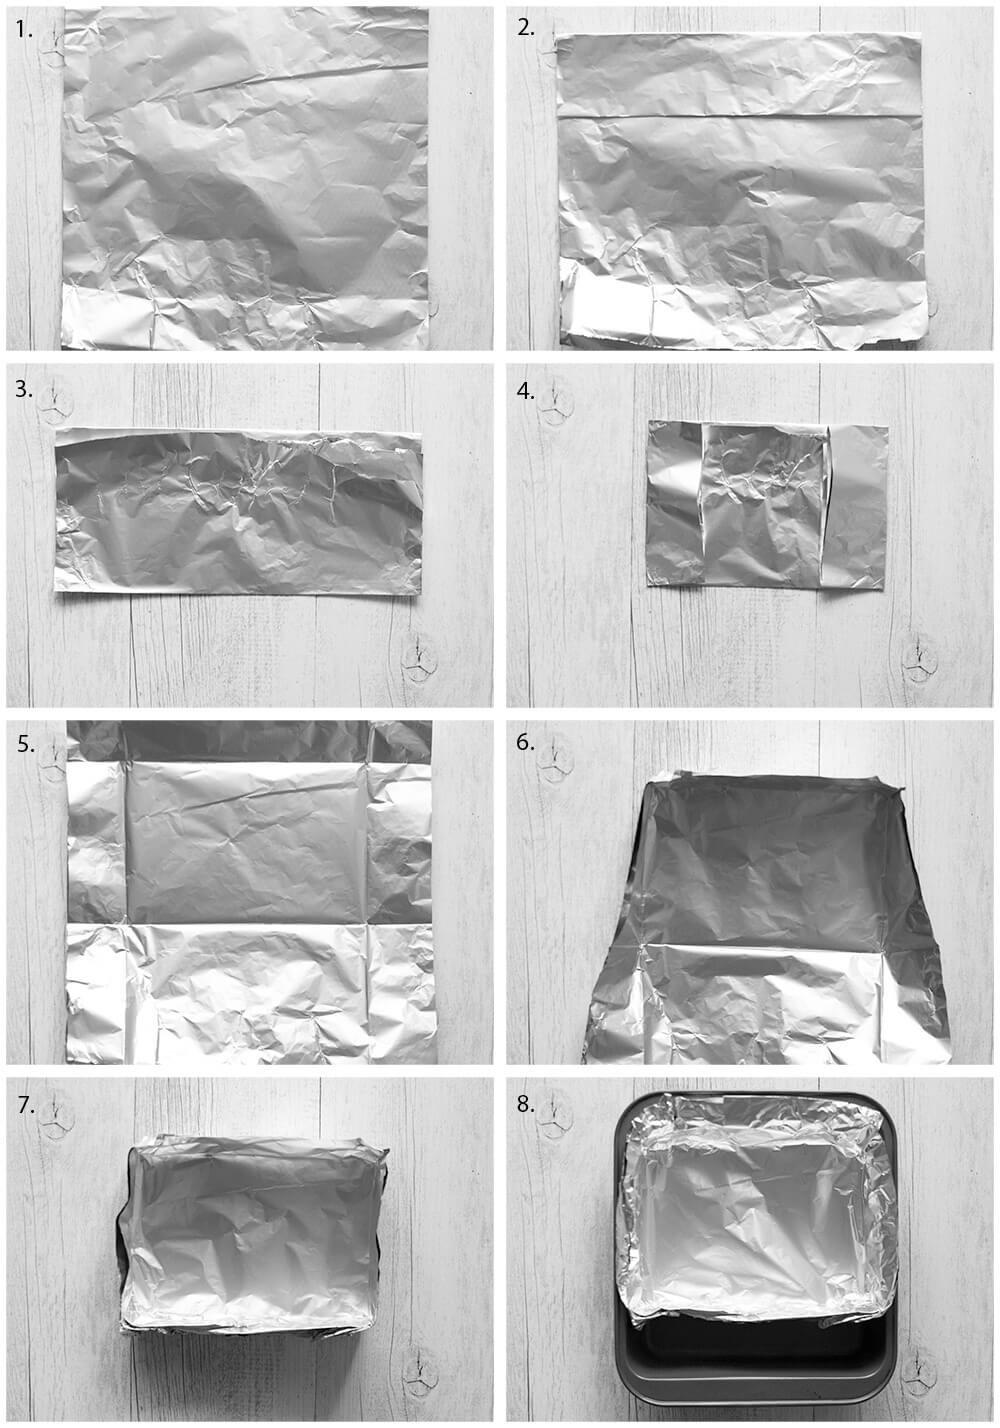 Aluminium box to bake noshidori.